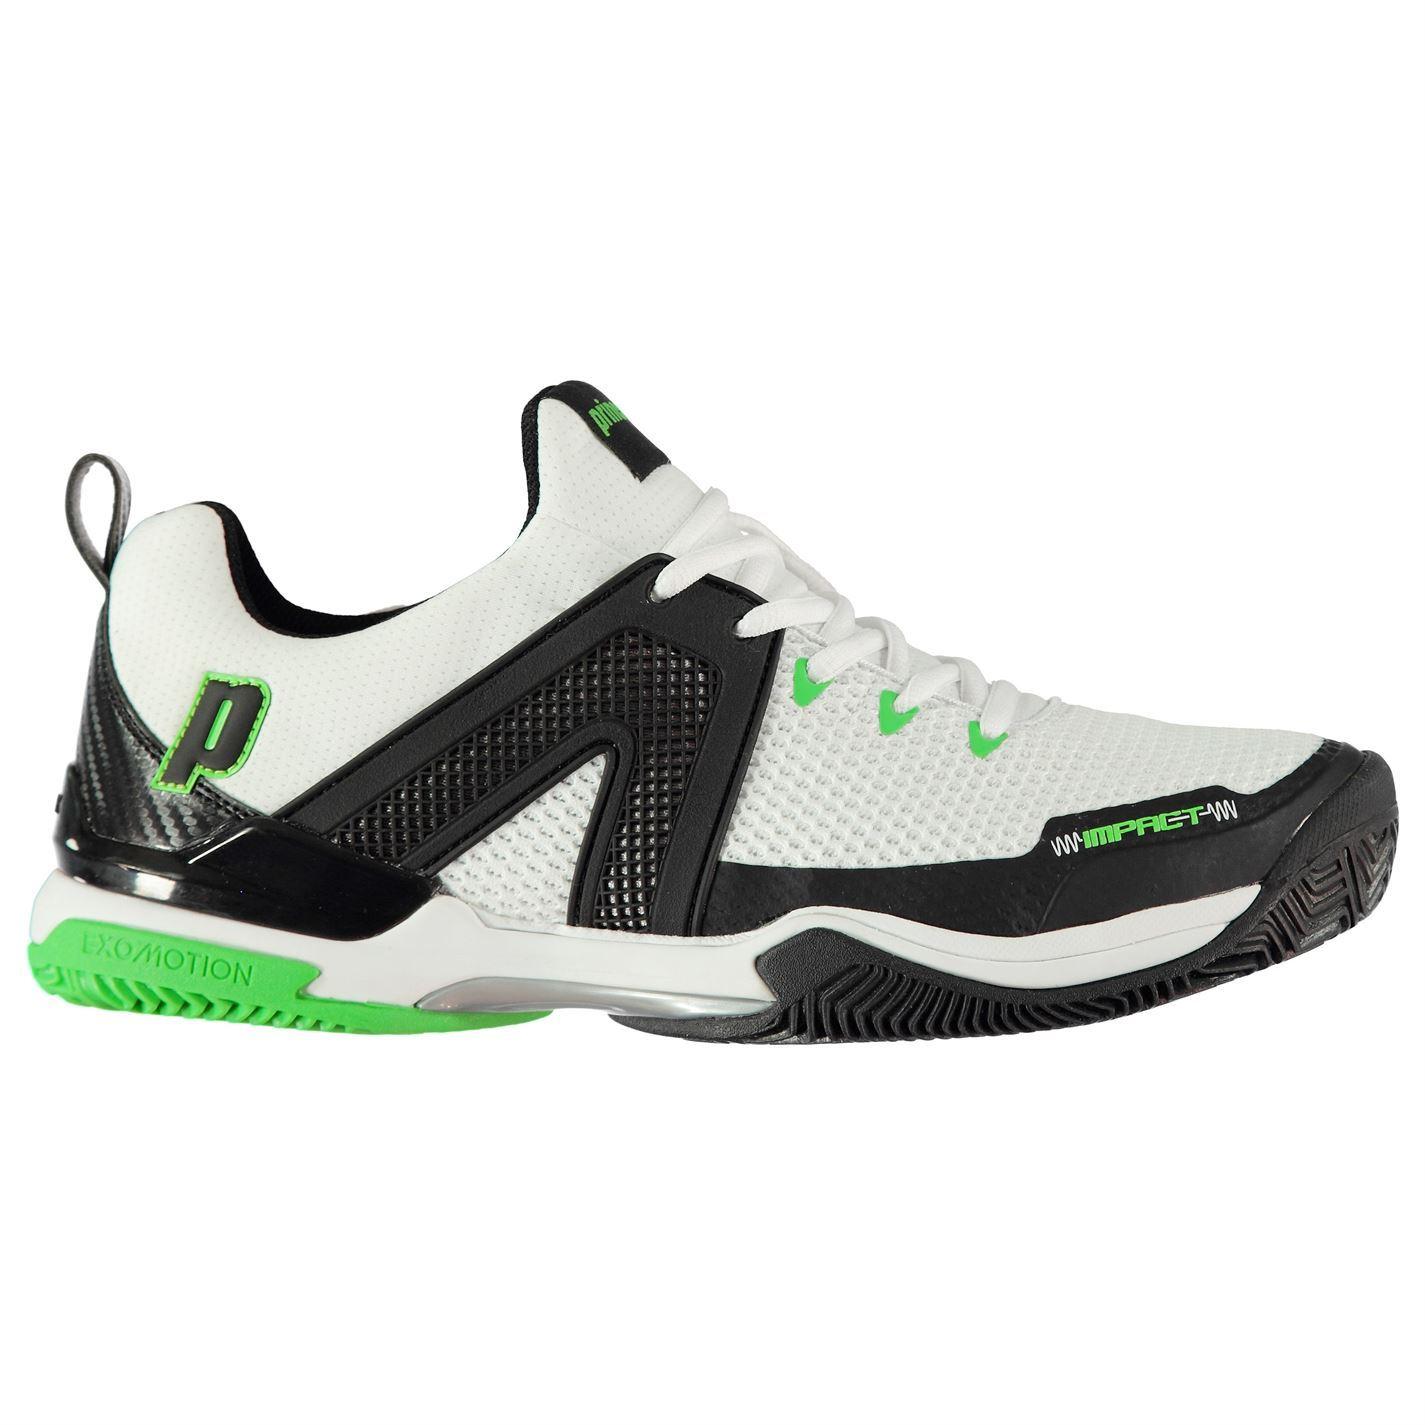 Tenis Prince Para Hombre Hombre Hombre Zapatos De Impacto 0ec83c